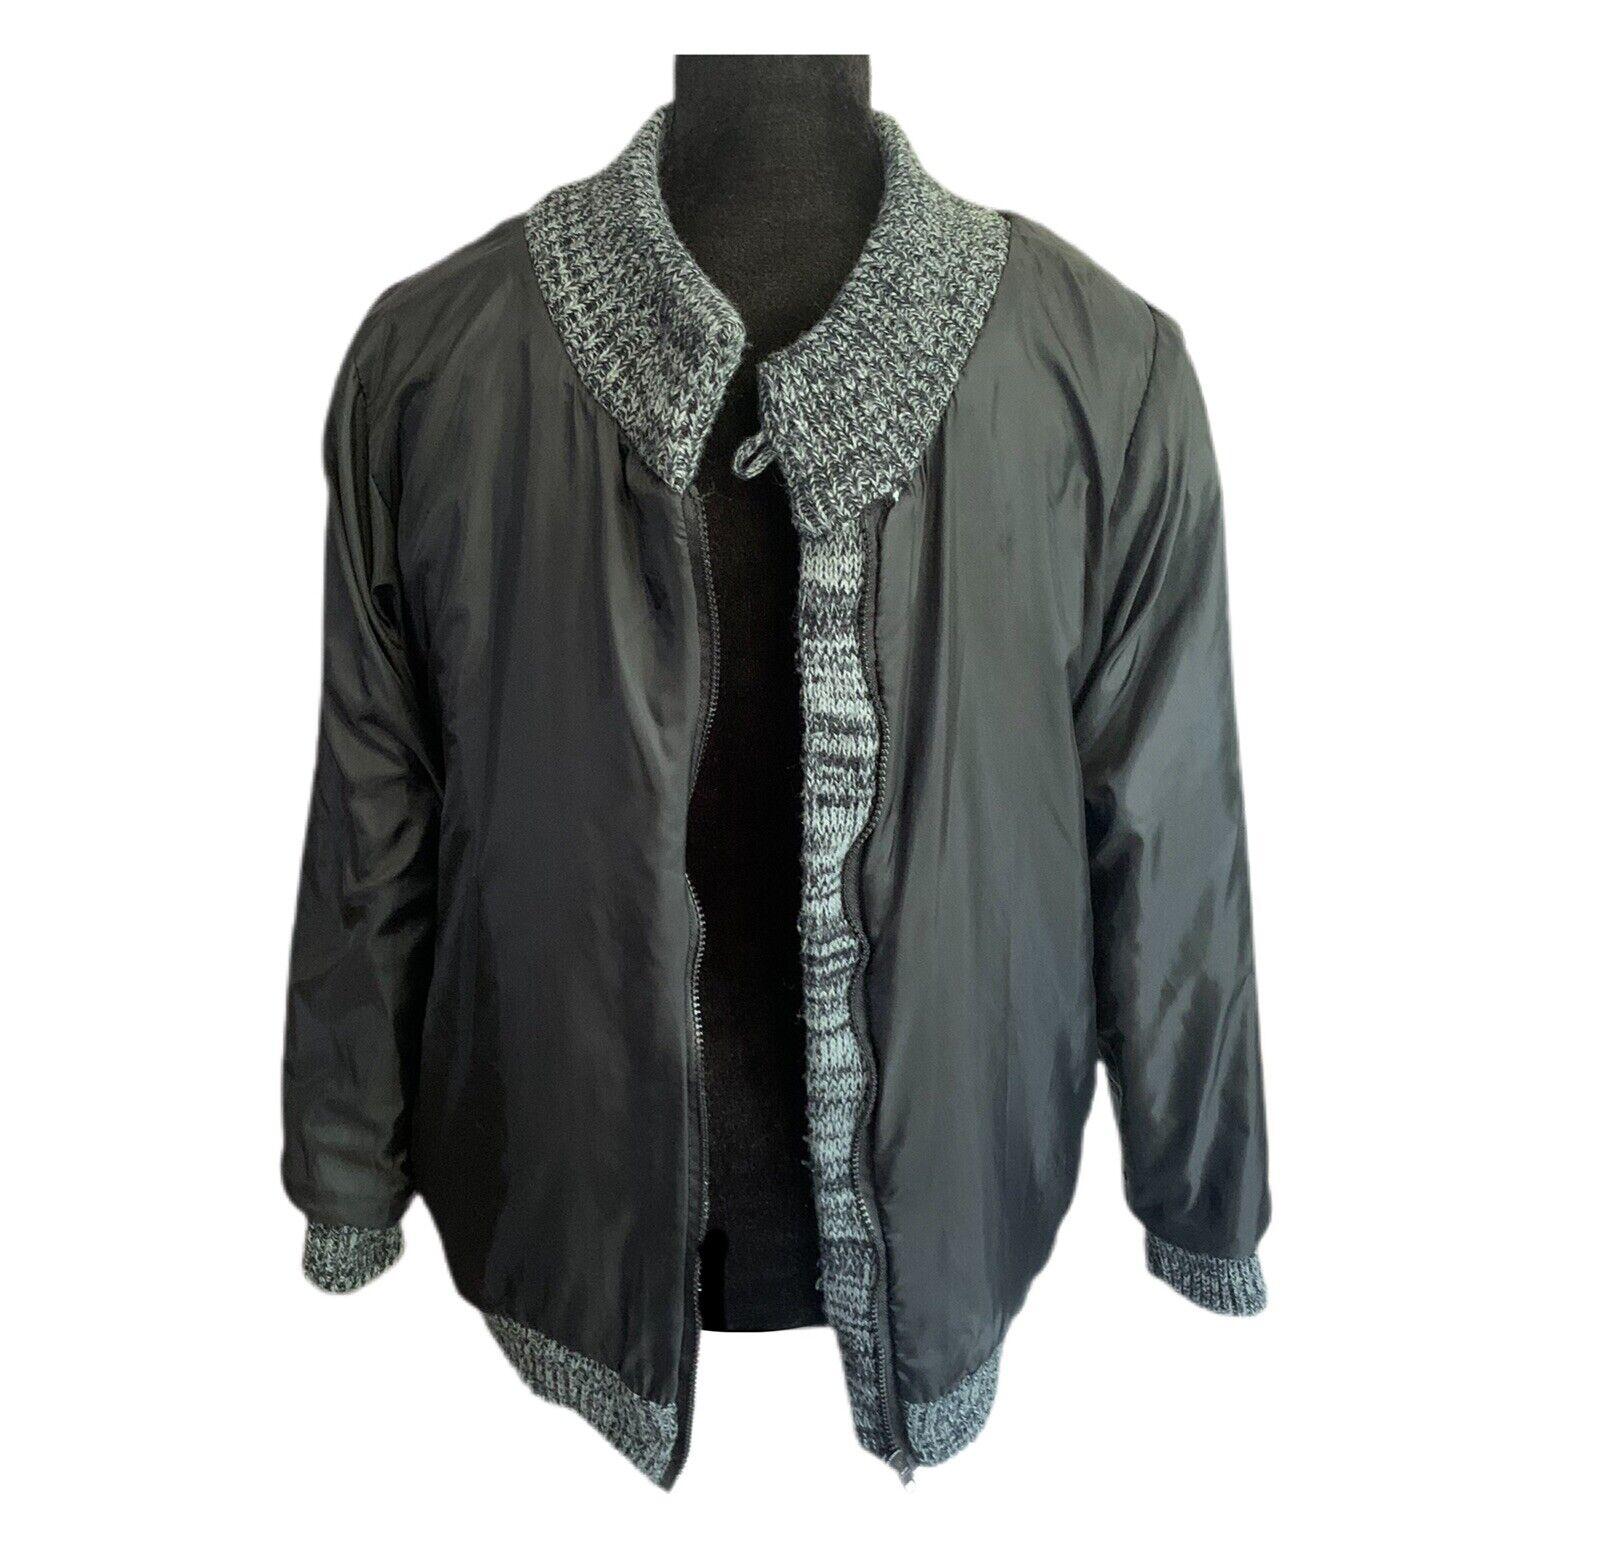 Chimayo Knit Sweater Jacket 80s Vintage Jacket Bo… - image 7